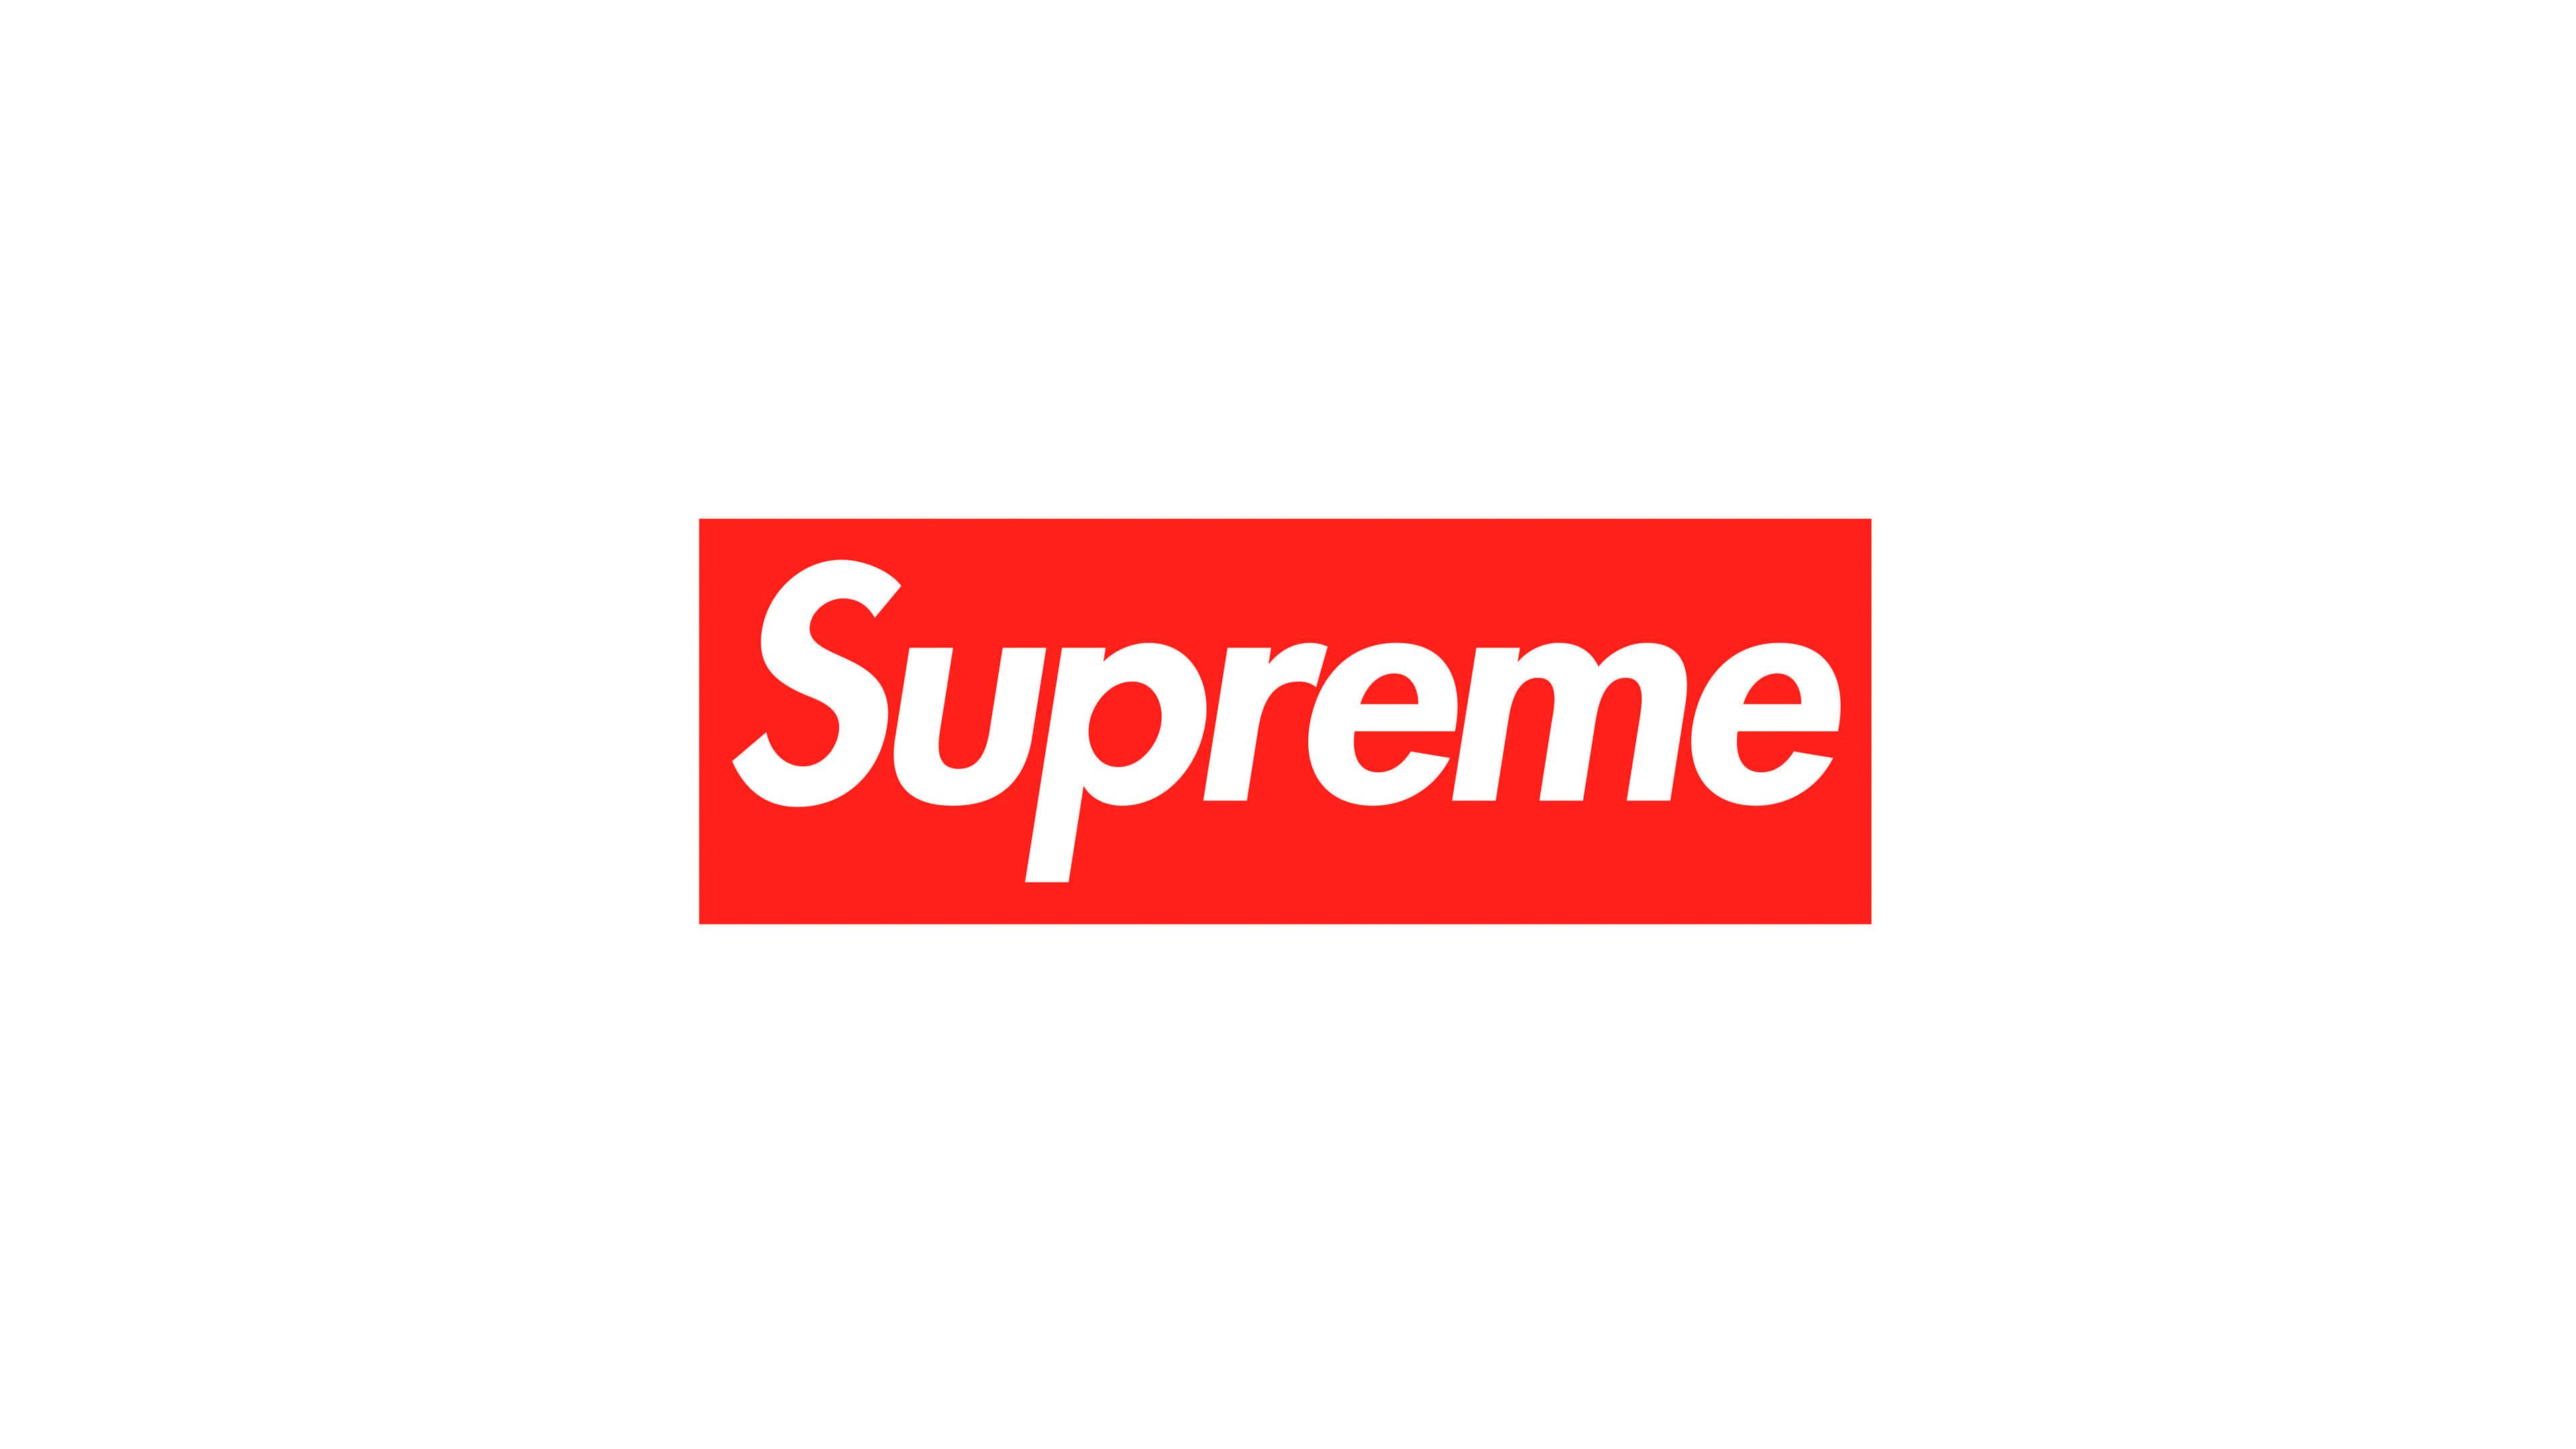 Supreme Logo Uhd 4k Wallpaper Pixelz